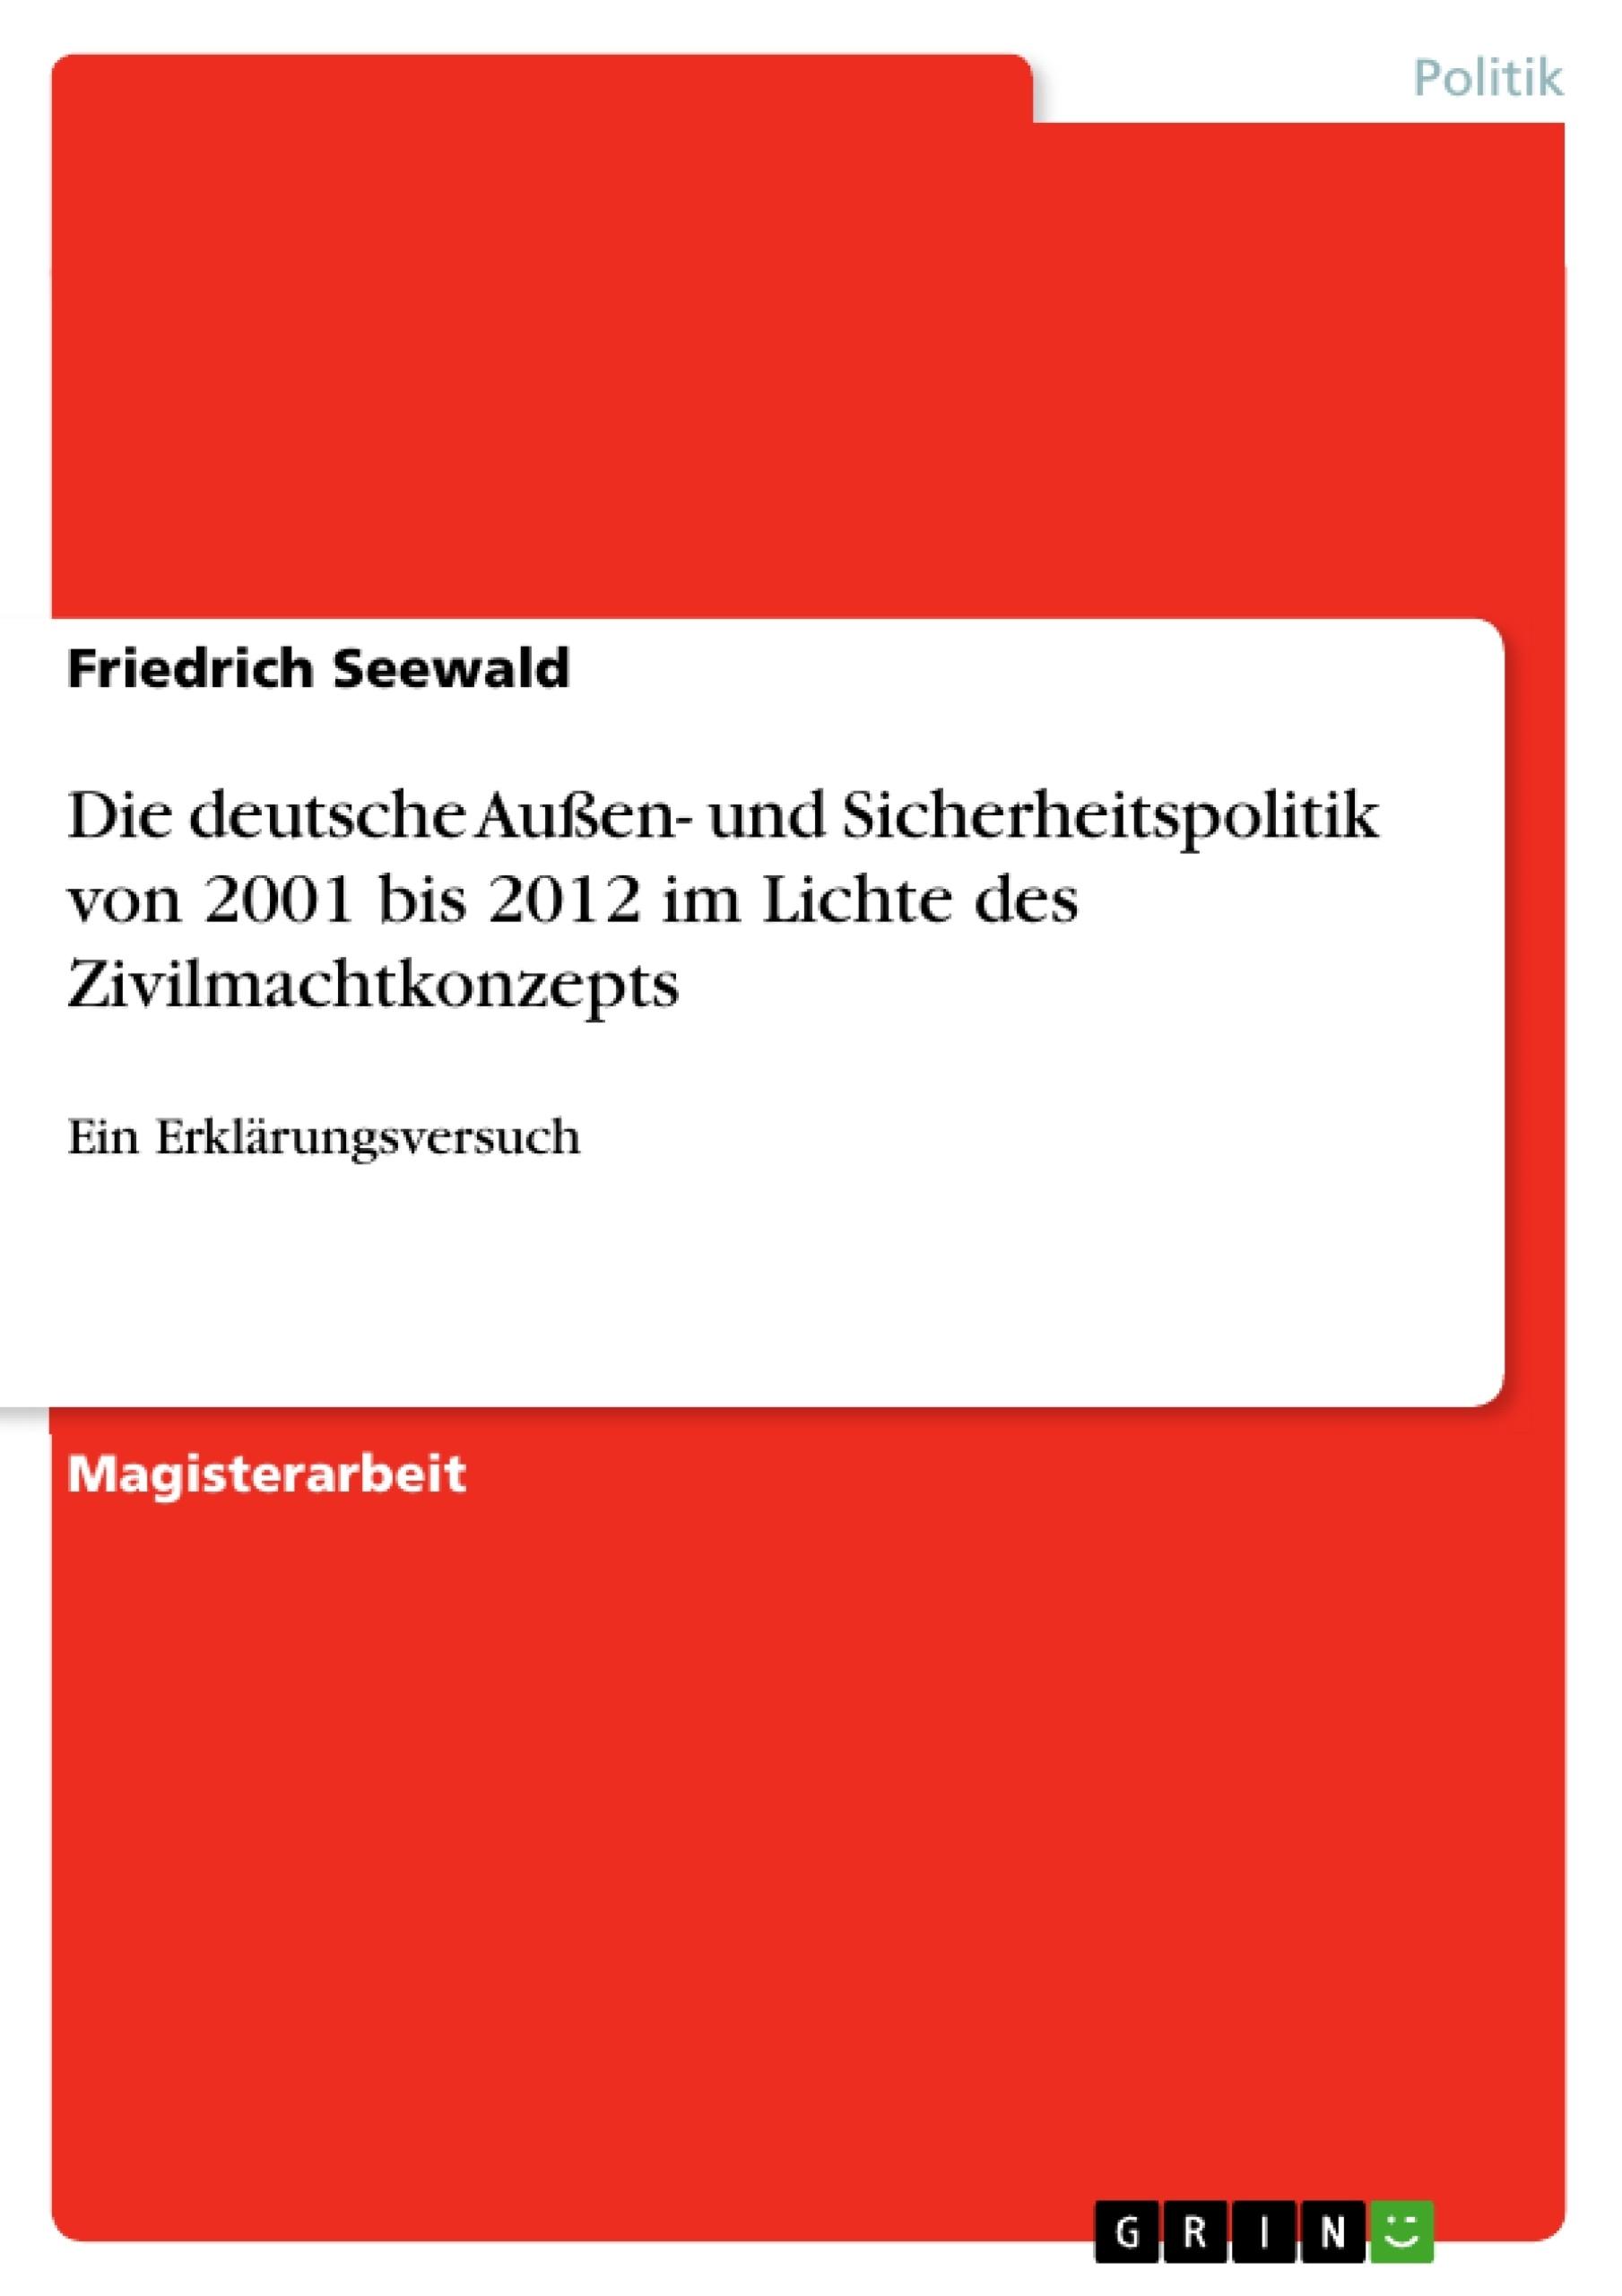 Titel: Die deutsche Außen- und Sicherheitspolitik von 2001 bis 2012 im Lichte des Zivilmachtkonzepts